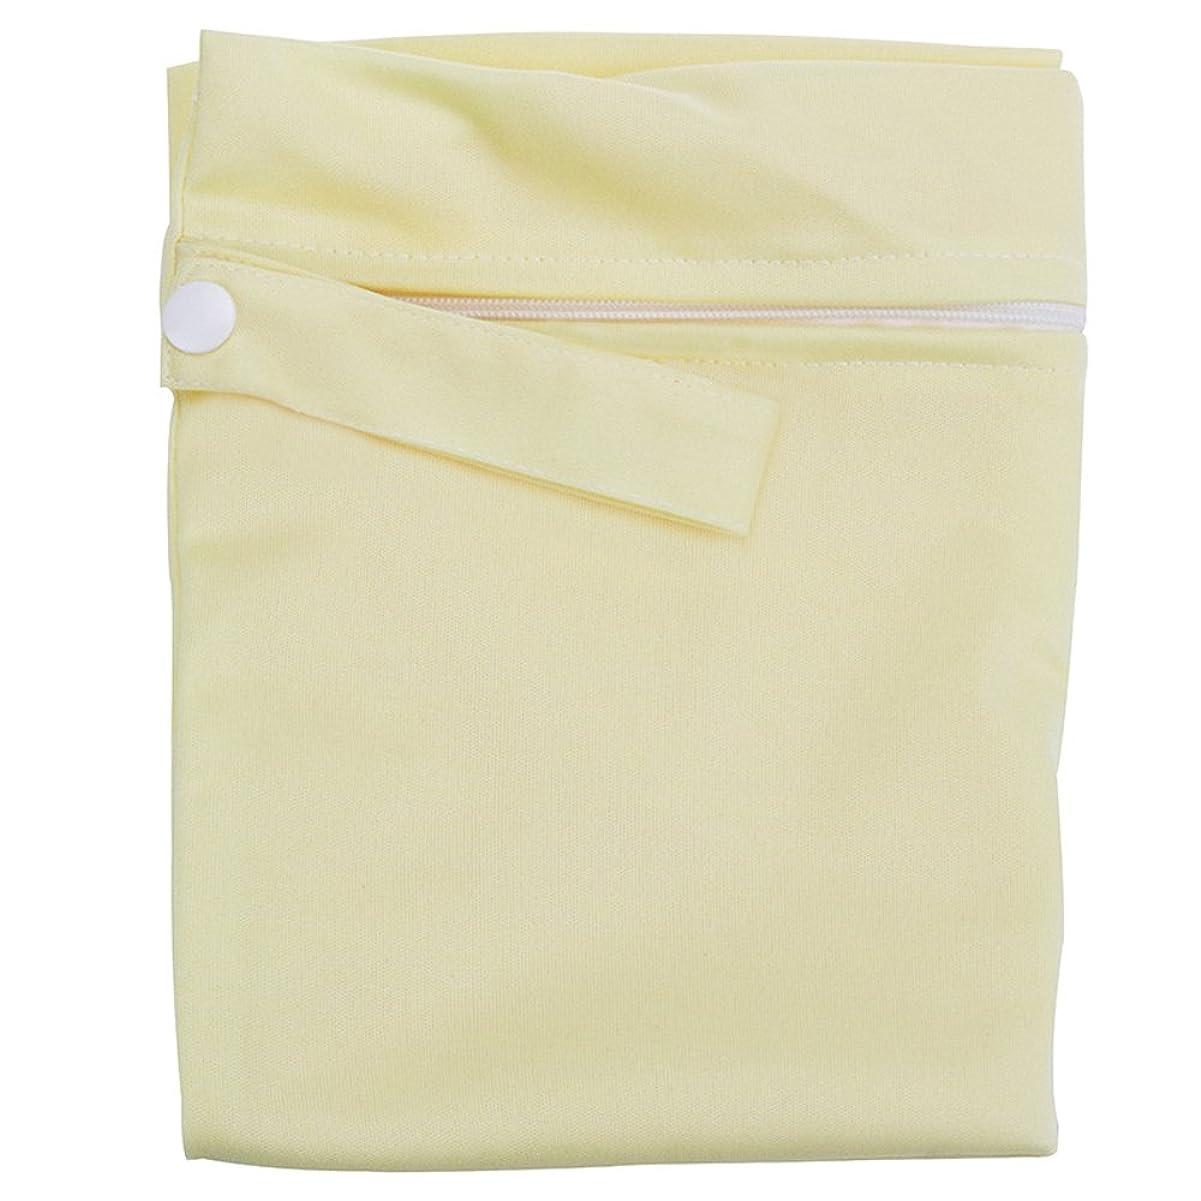 武器文庫本ママKINDOYO ウェットバック(防水バッグ) 可愛い オムツ?おしりふき?着替え?タオル?水着?お風呂用品 (ベージュ)